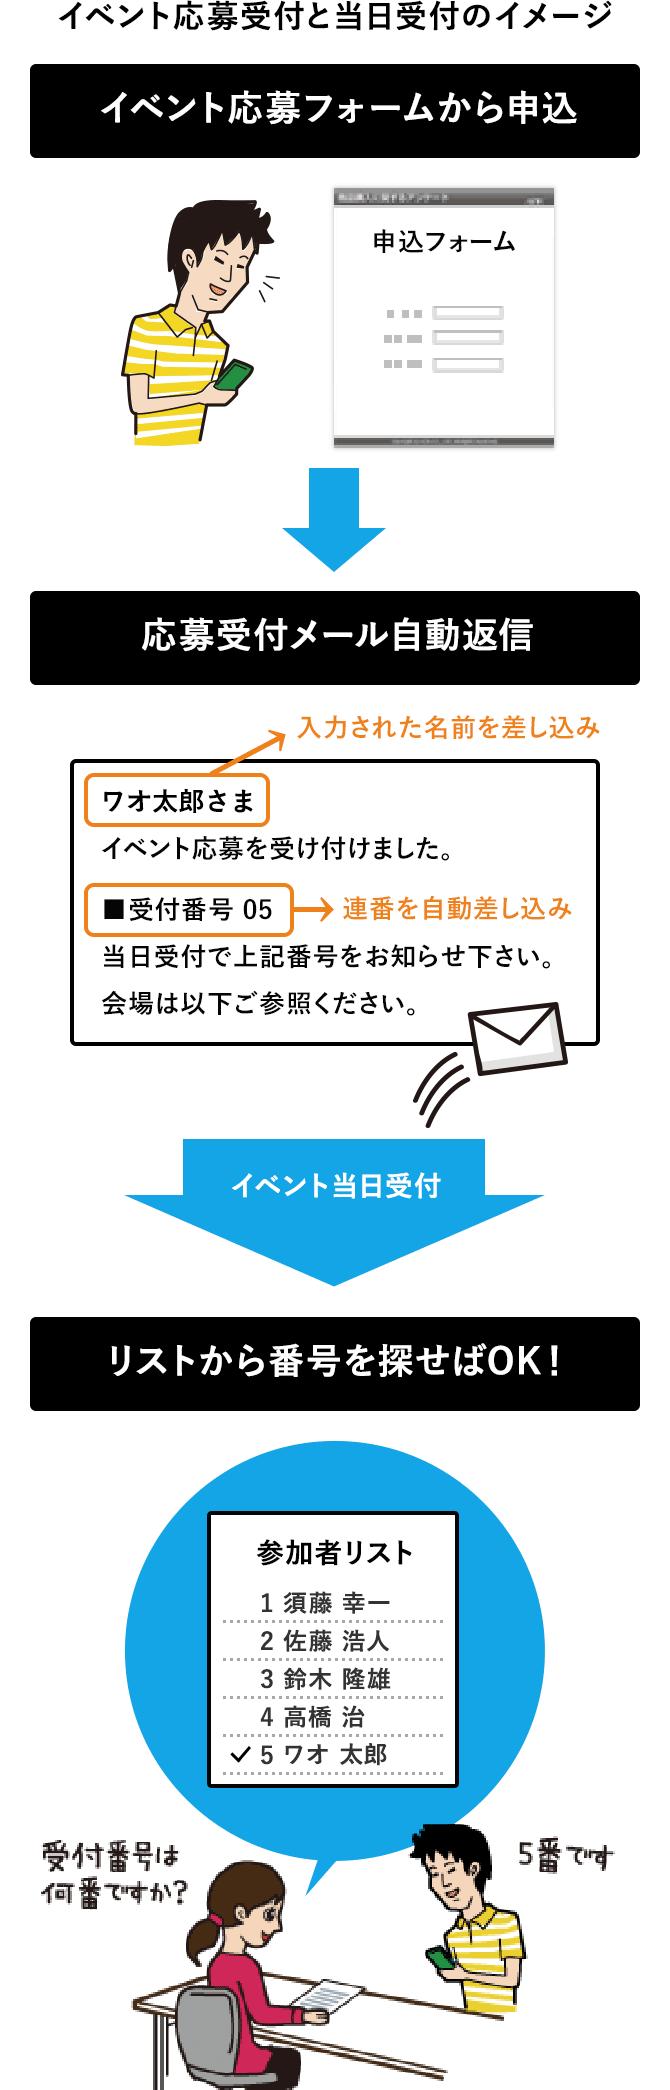 案内ページ・申込フォーム作成⇒メール集客⇒セミナー受付管理⇒メールフォロー